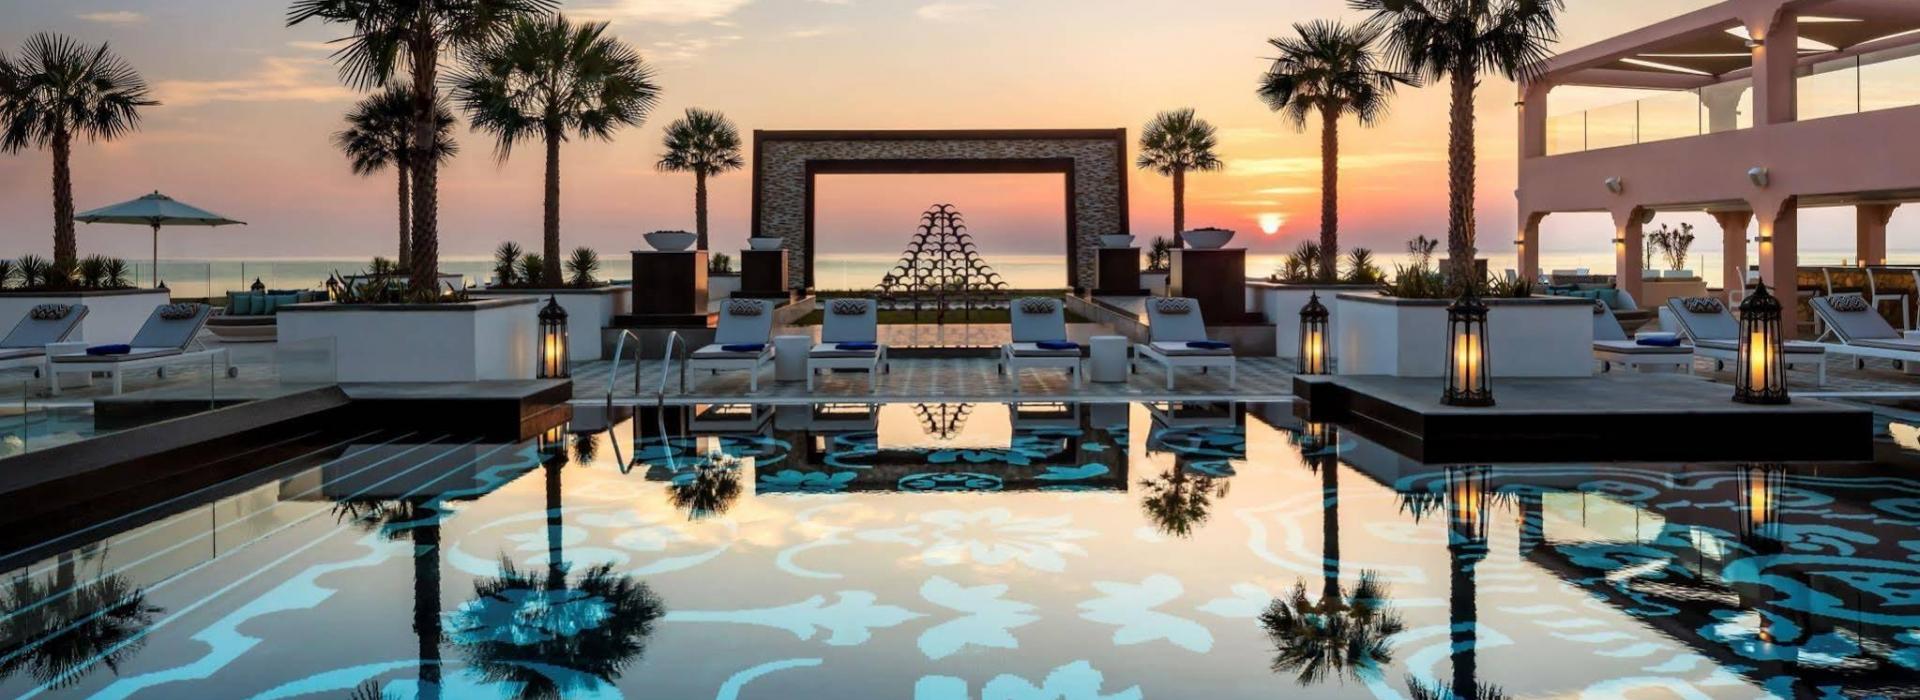 Fairmont Fujairah Resort 5*